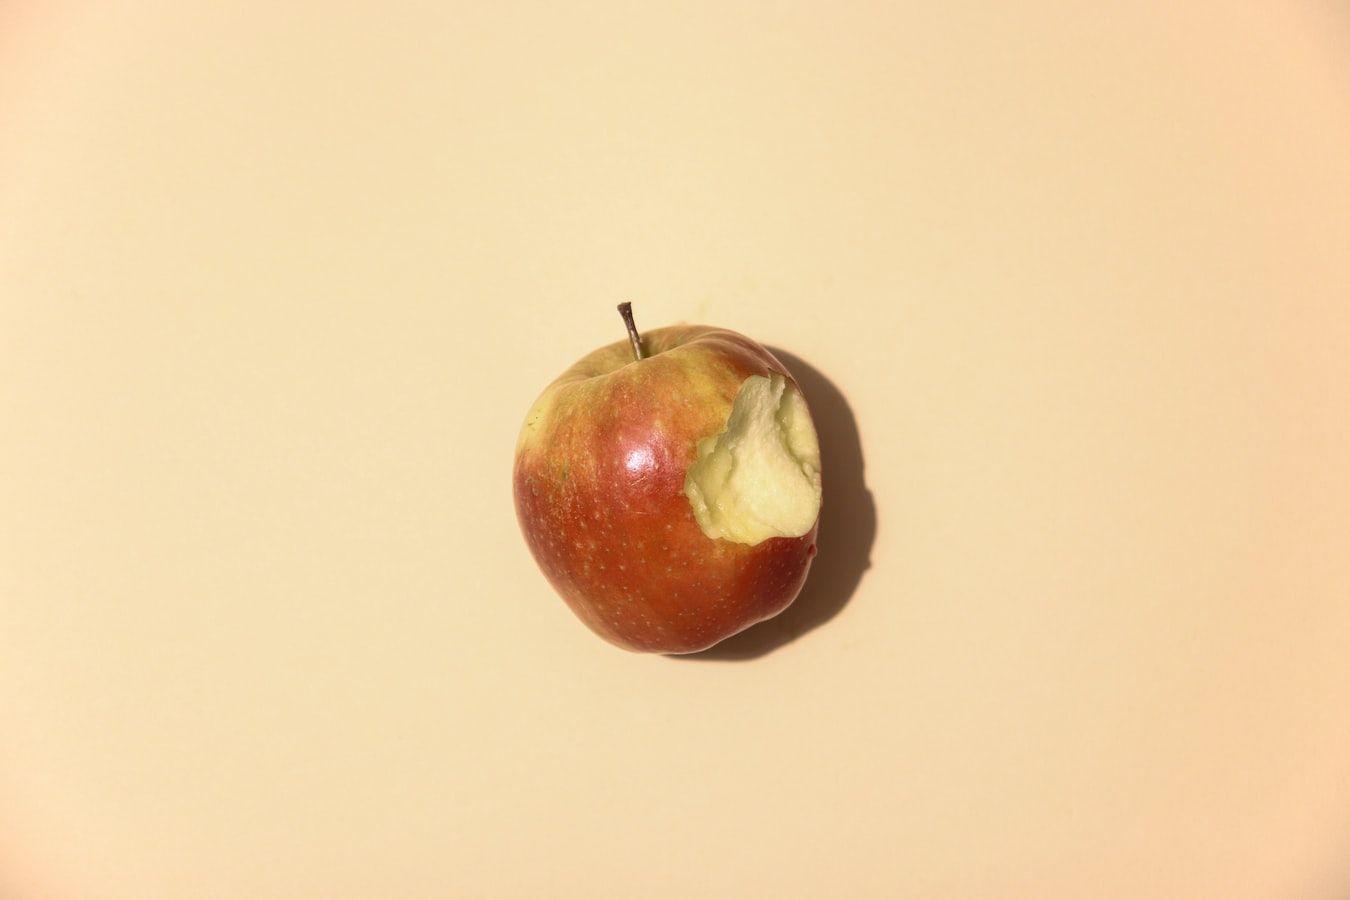 Benefícios da maçã - principais efeitos positivos do consumo da fruta